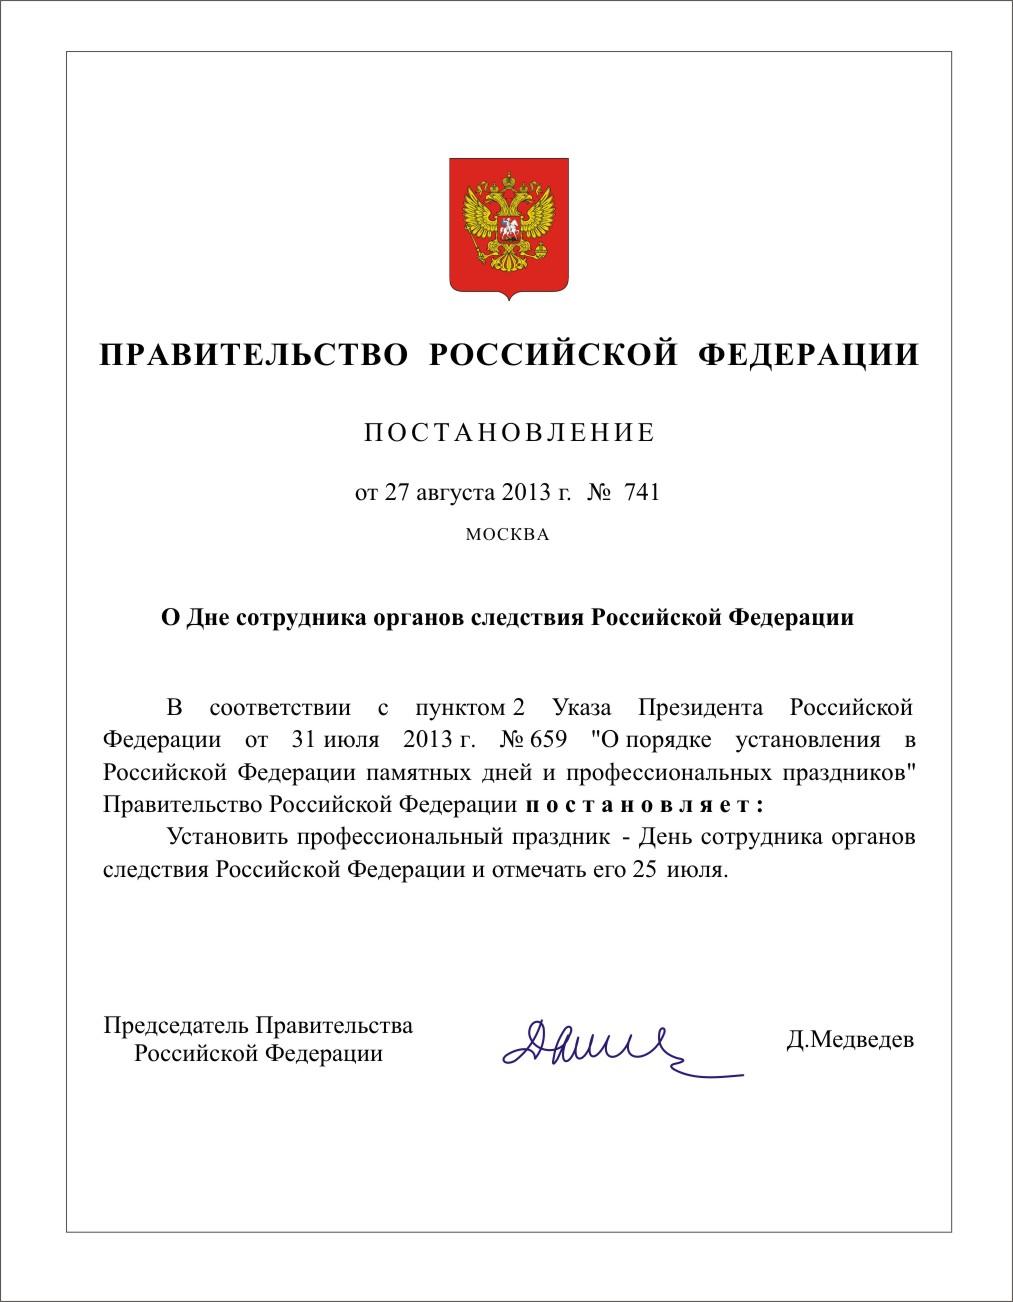 Поздравление главы района на день работников следственных органов